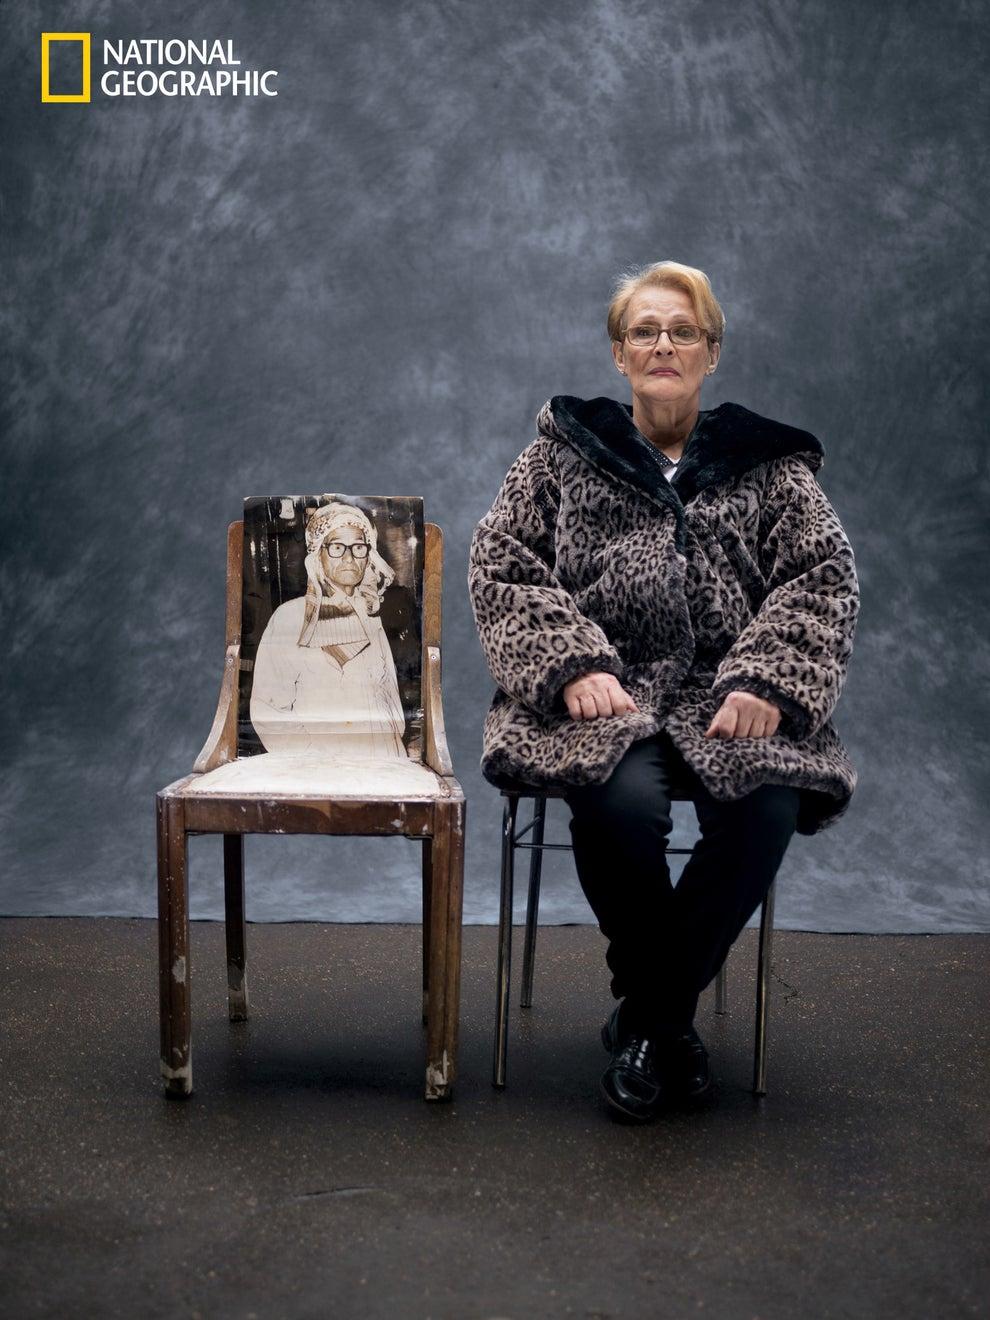 12. Patricia Fatima Houiche, age 66, France.